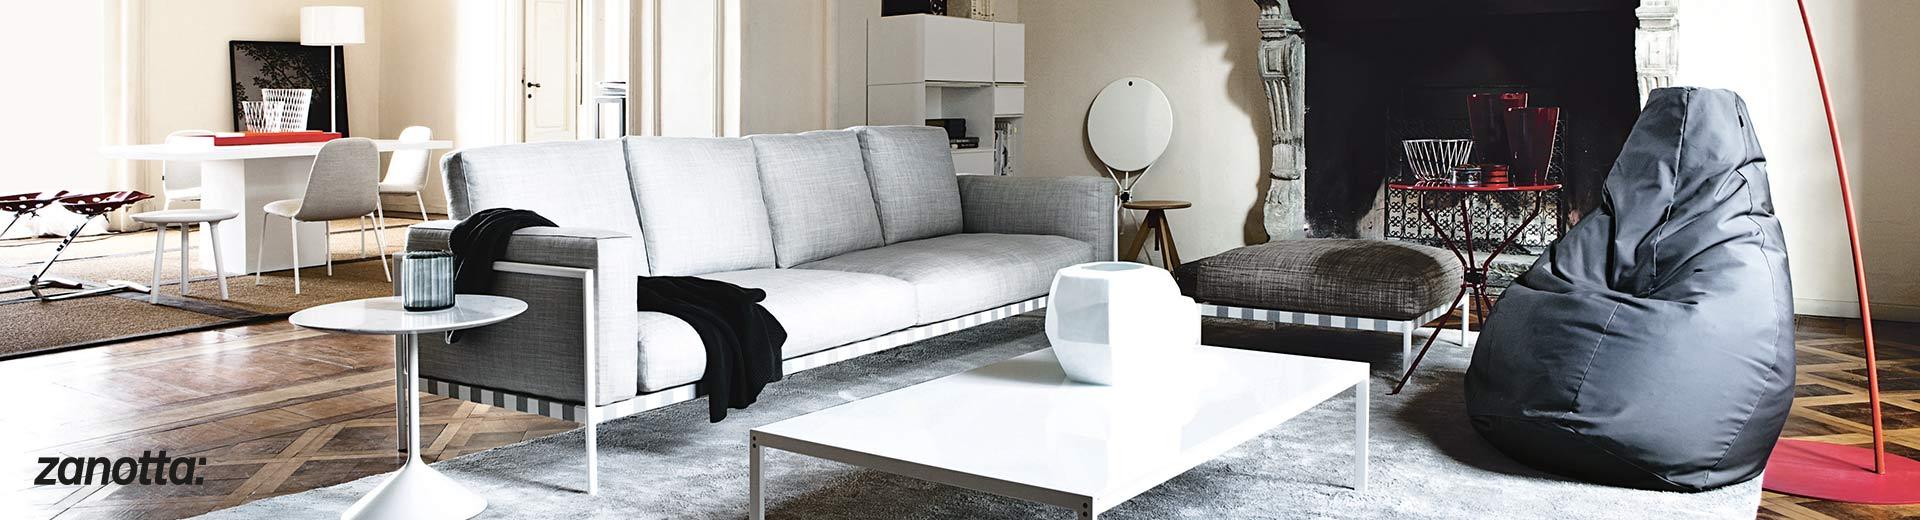 Zanotta Möbel im Qvest Shop online kaufen